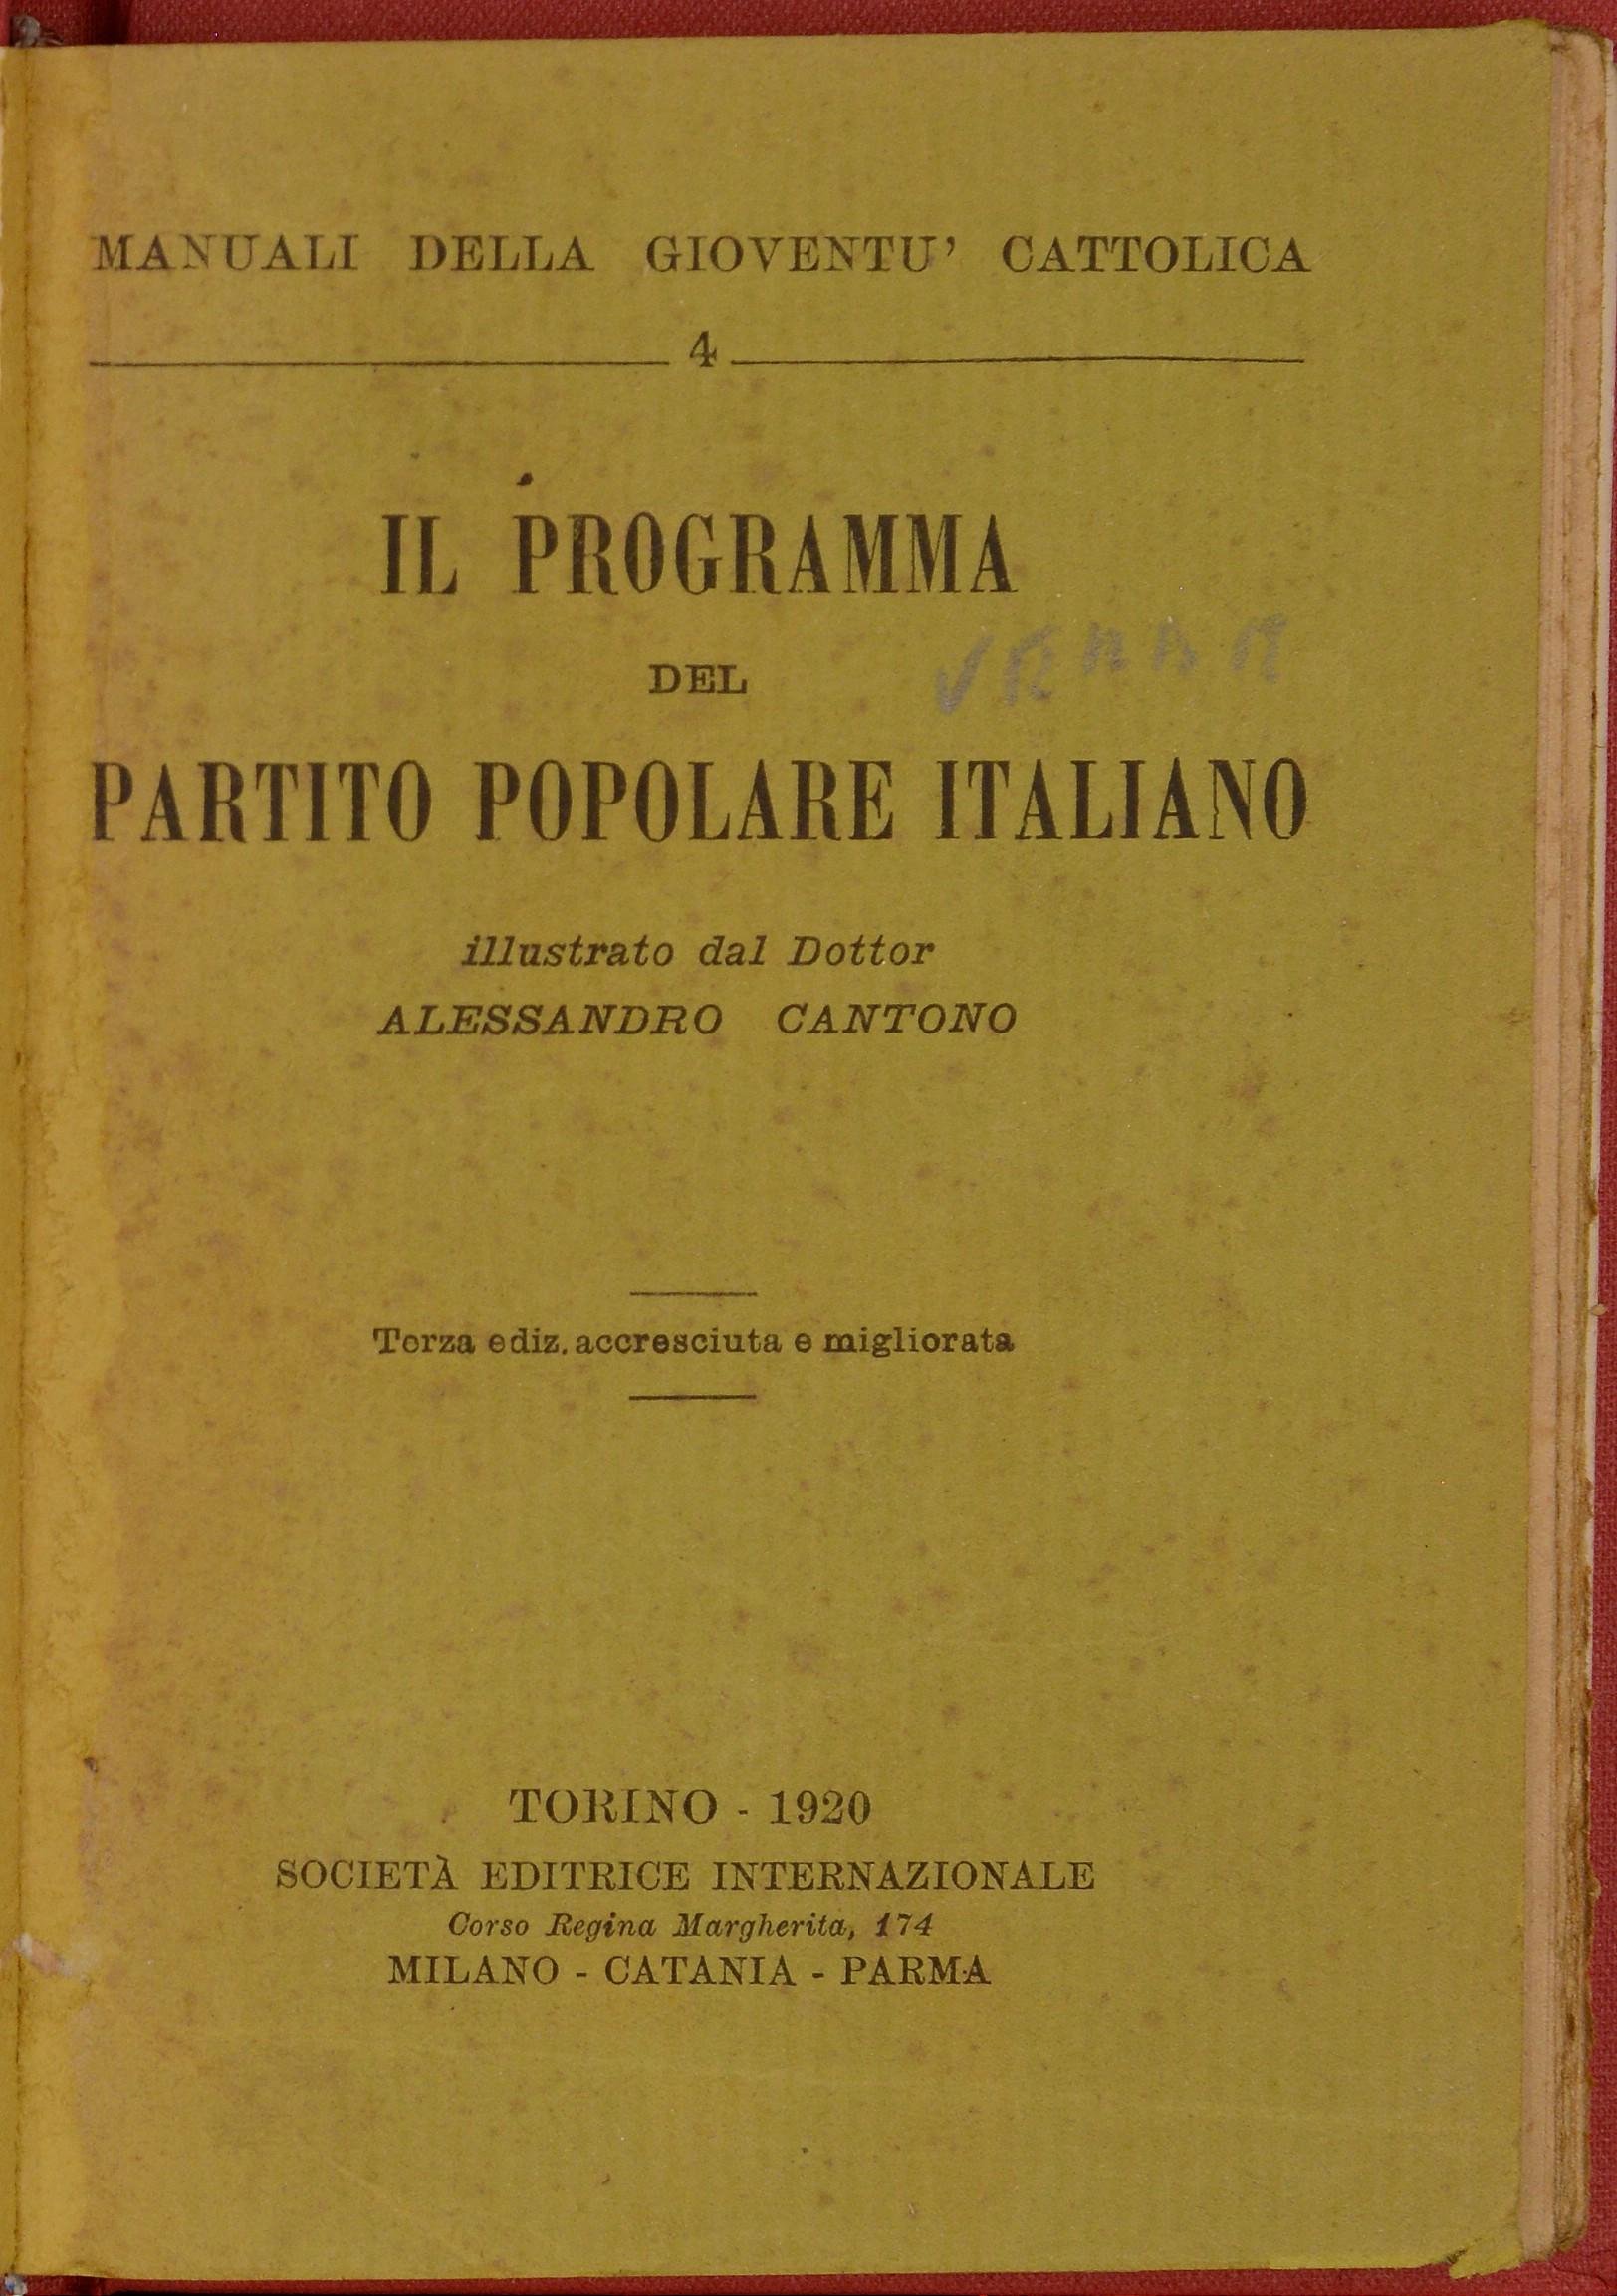 Il programma del Partito popolare italiano